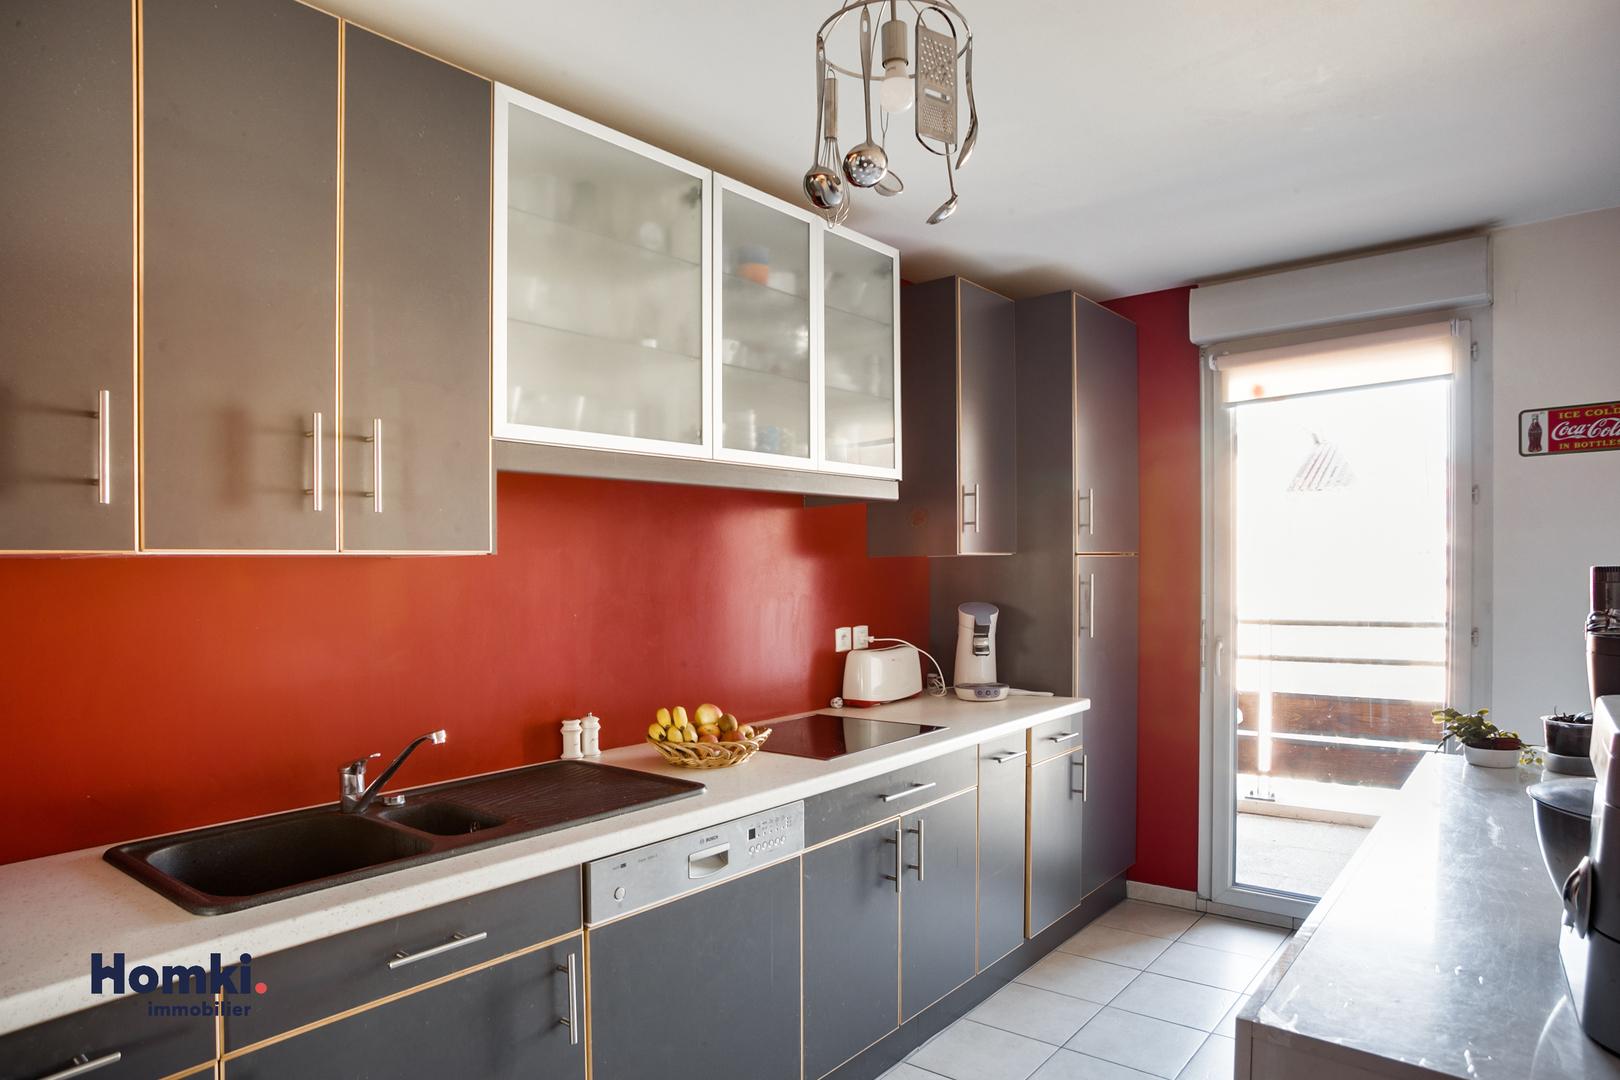 Vente appartement 104m² T5 69480_5